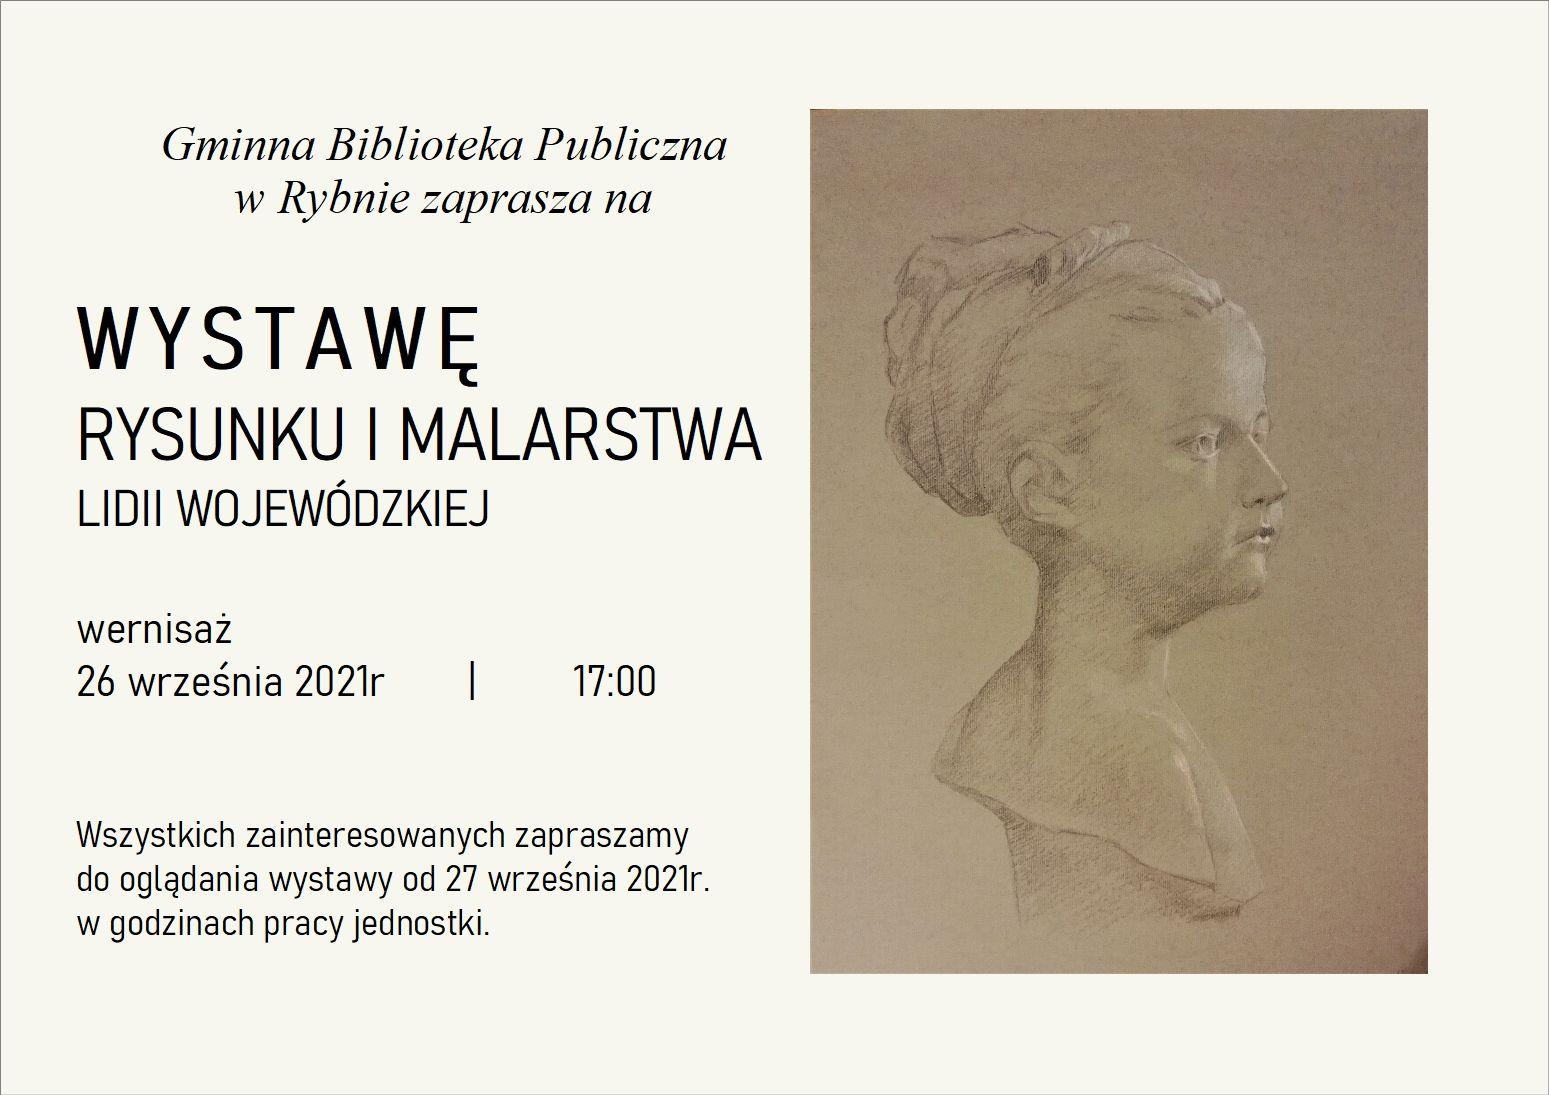 plakat informujący o wystawie rysunku i malarstwa